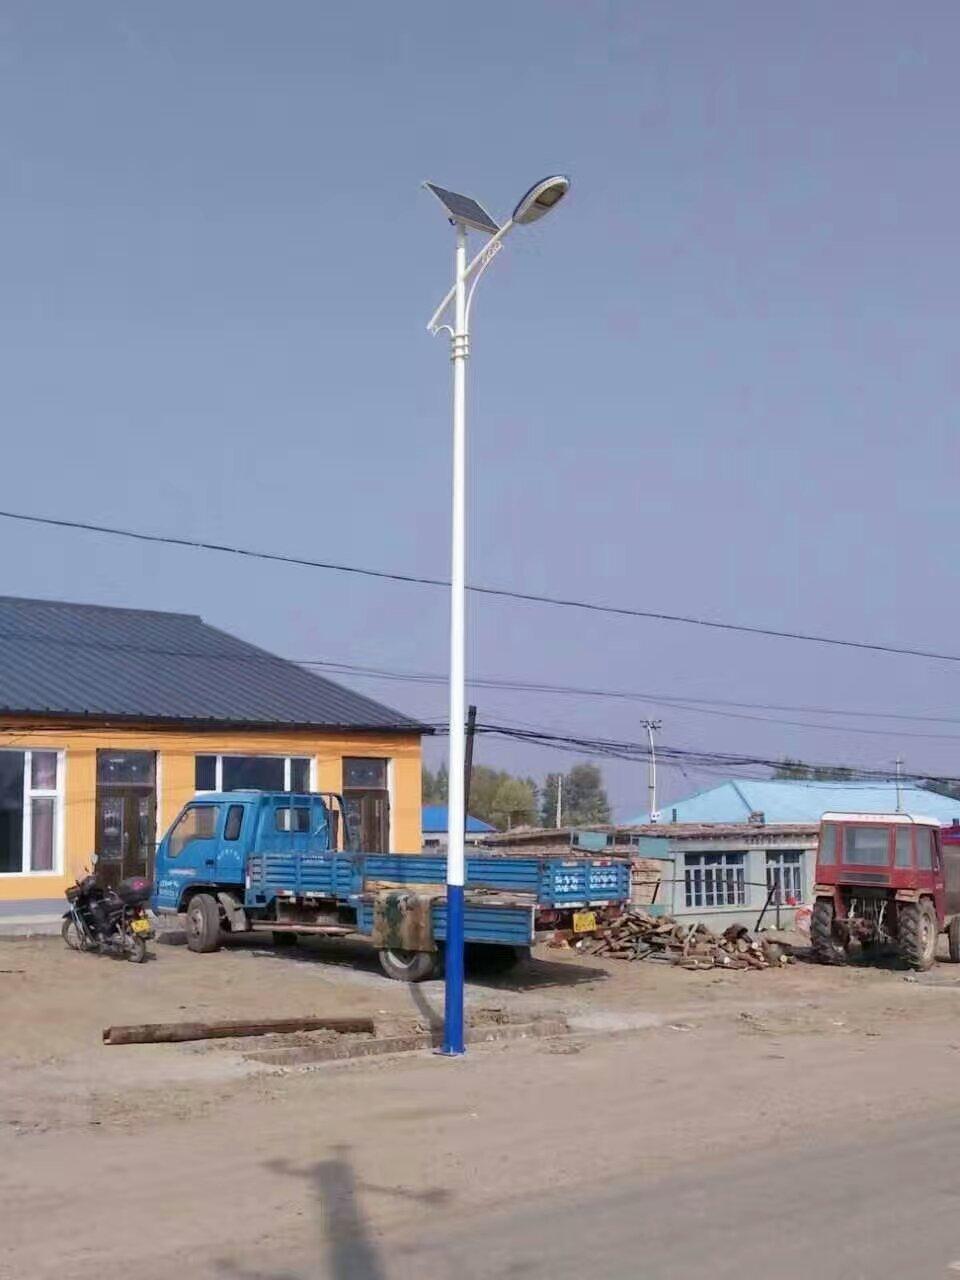 太阳能路灯专业批发厂家|太阳能路灯-沈阳市宏耀伟业灯具制造有限公司